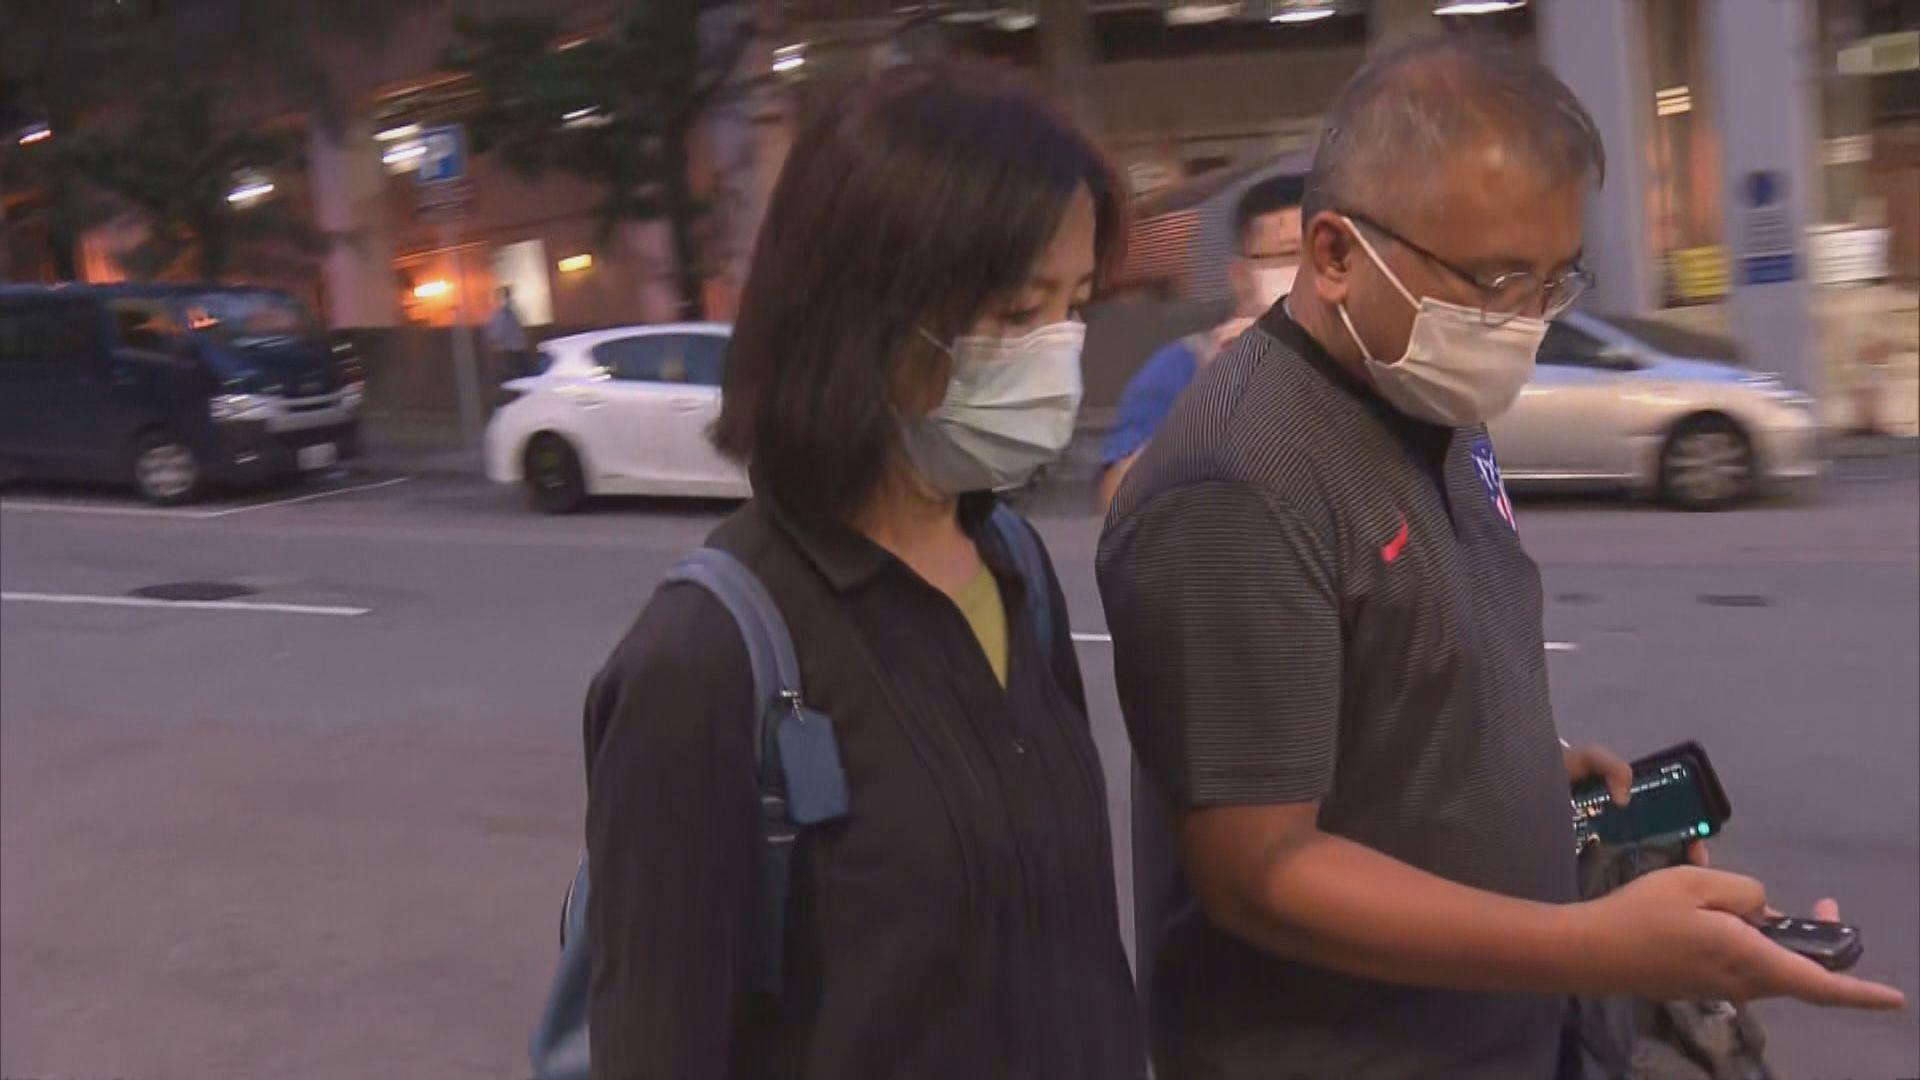 直播七一襲警案記者被扣旅遊證件 警方指暫沒有人被捕